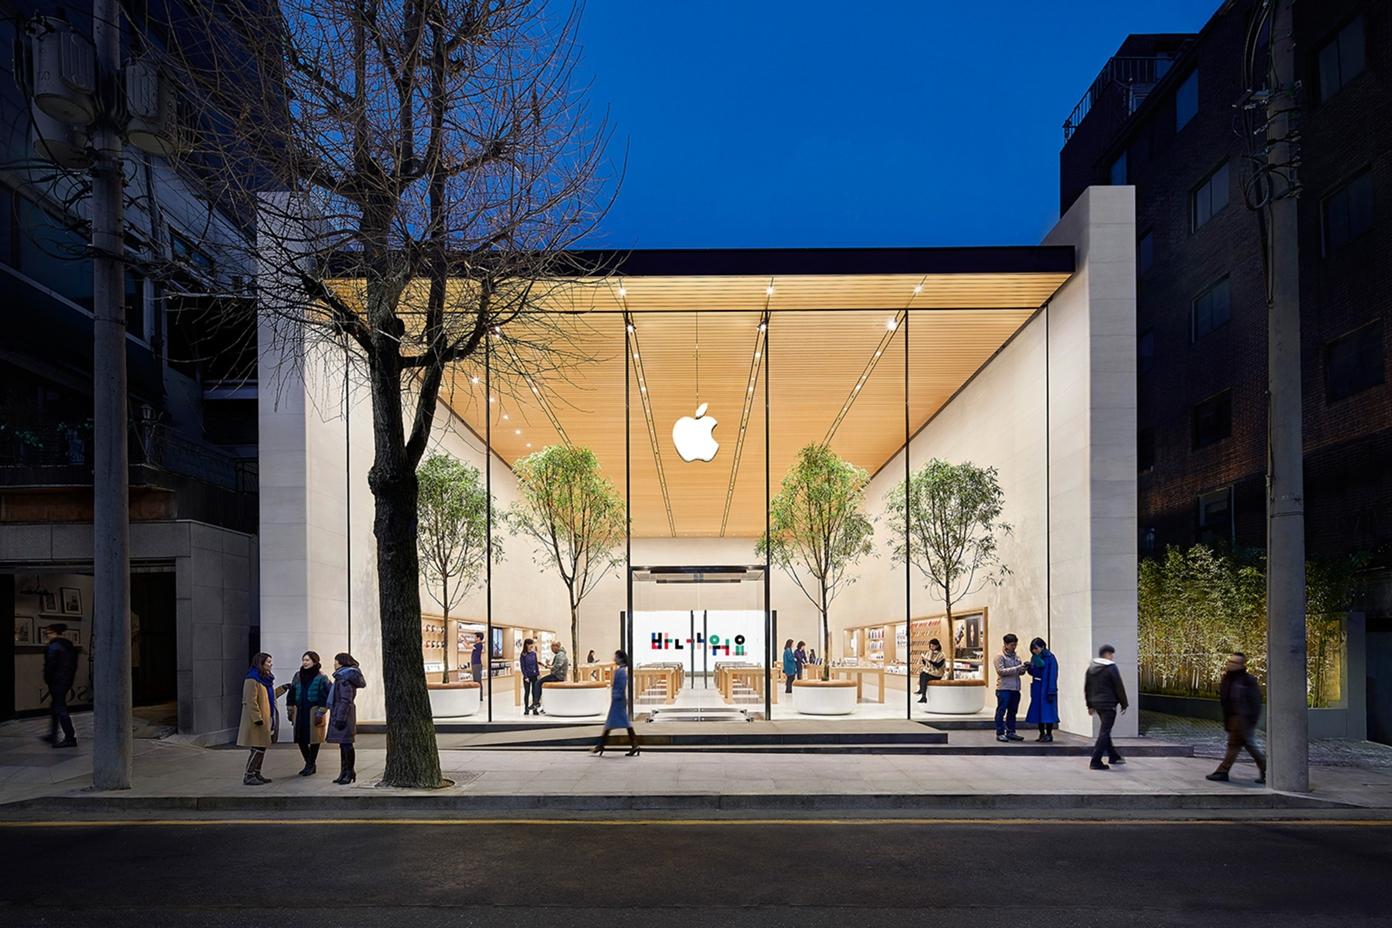 Apple福岡天神、年内にリニューアルオープンか